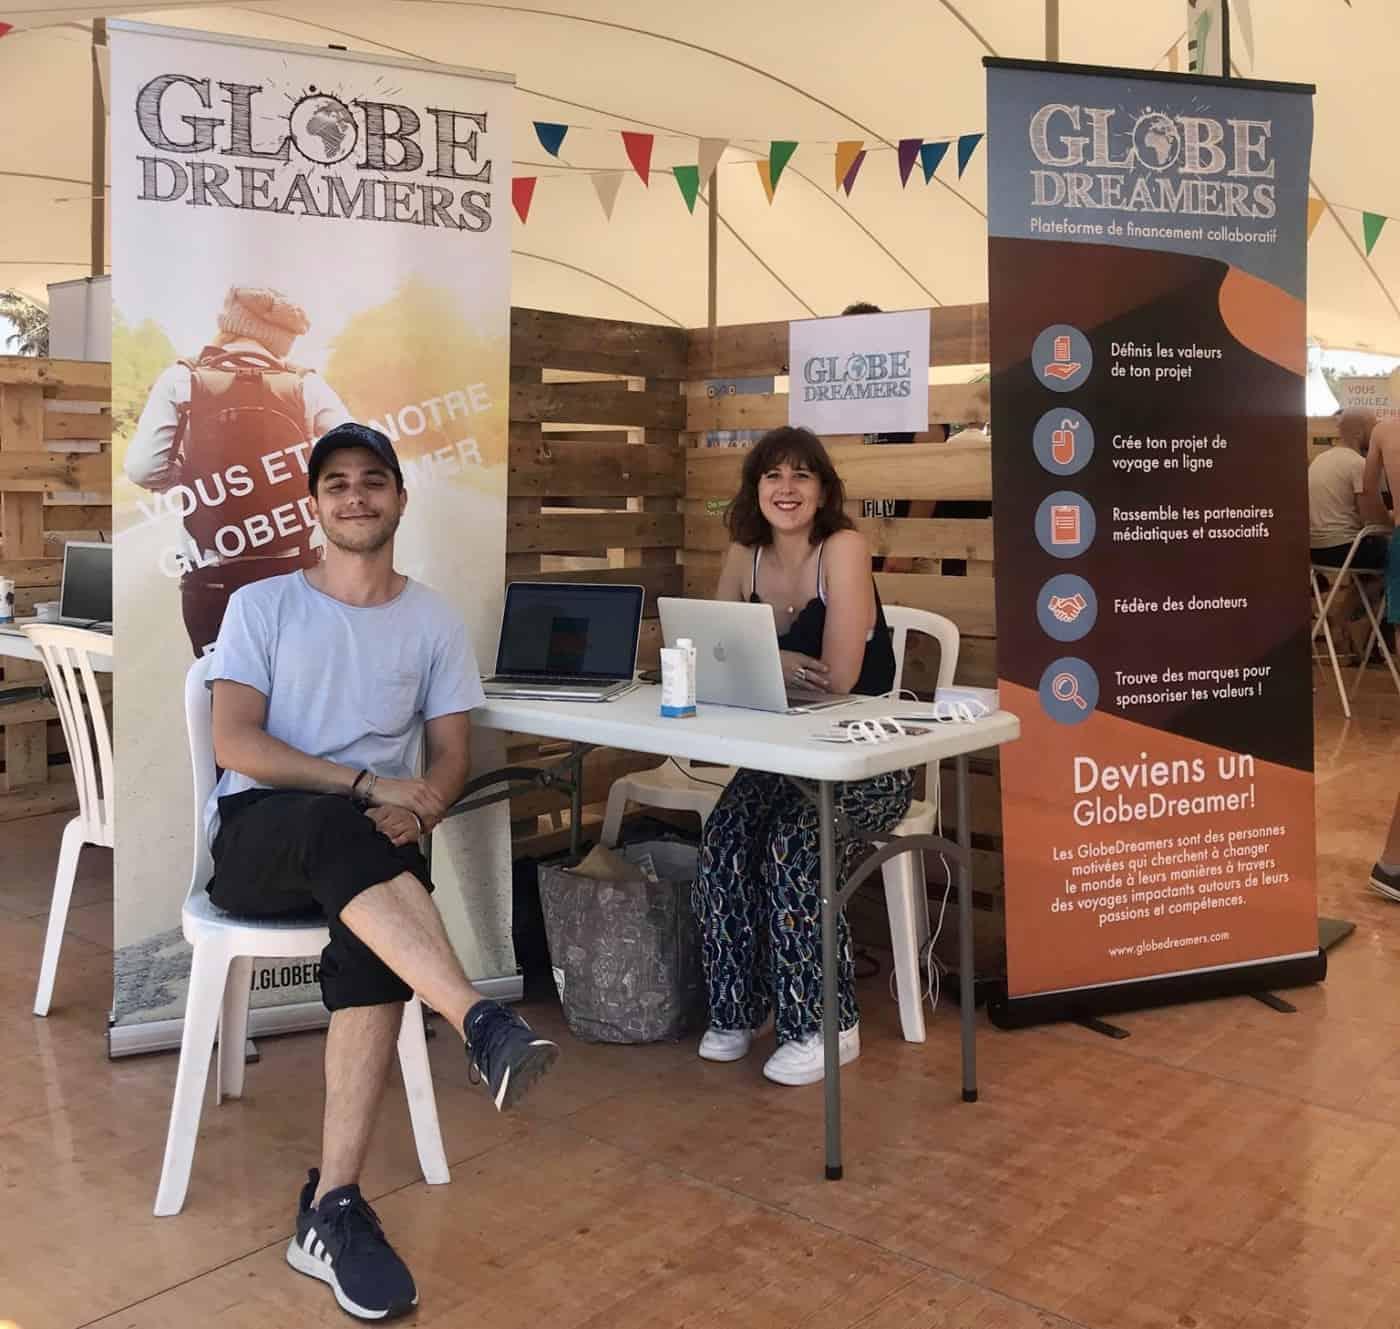 , Globe Dreamers, la plateforme qui finance les voyages engagés !, Made in Marseille